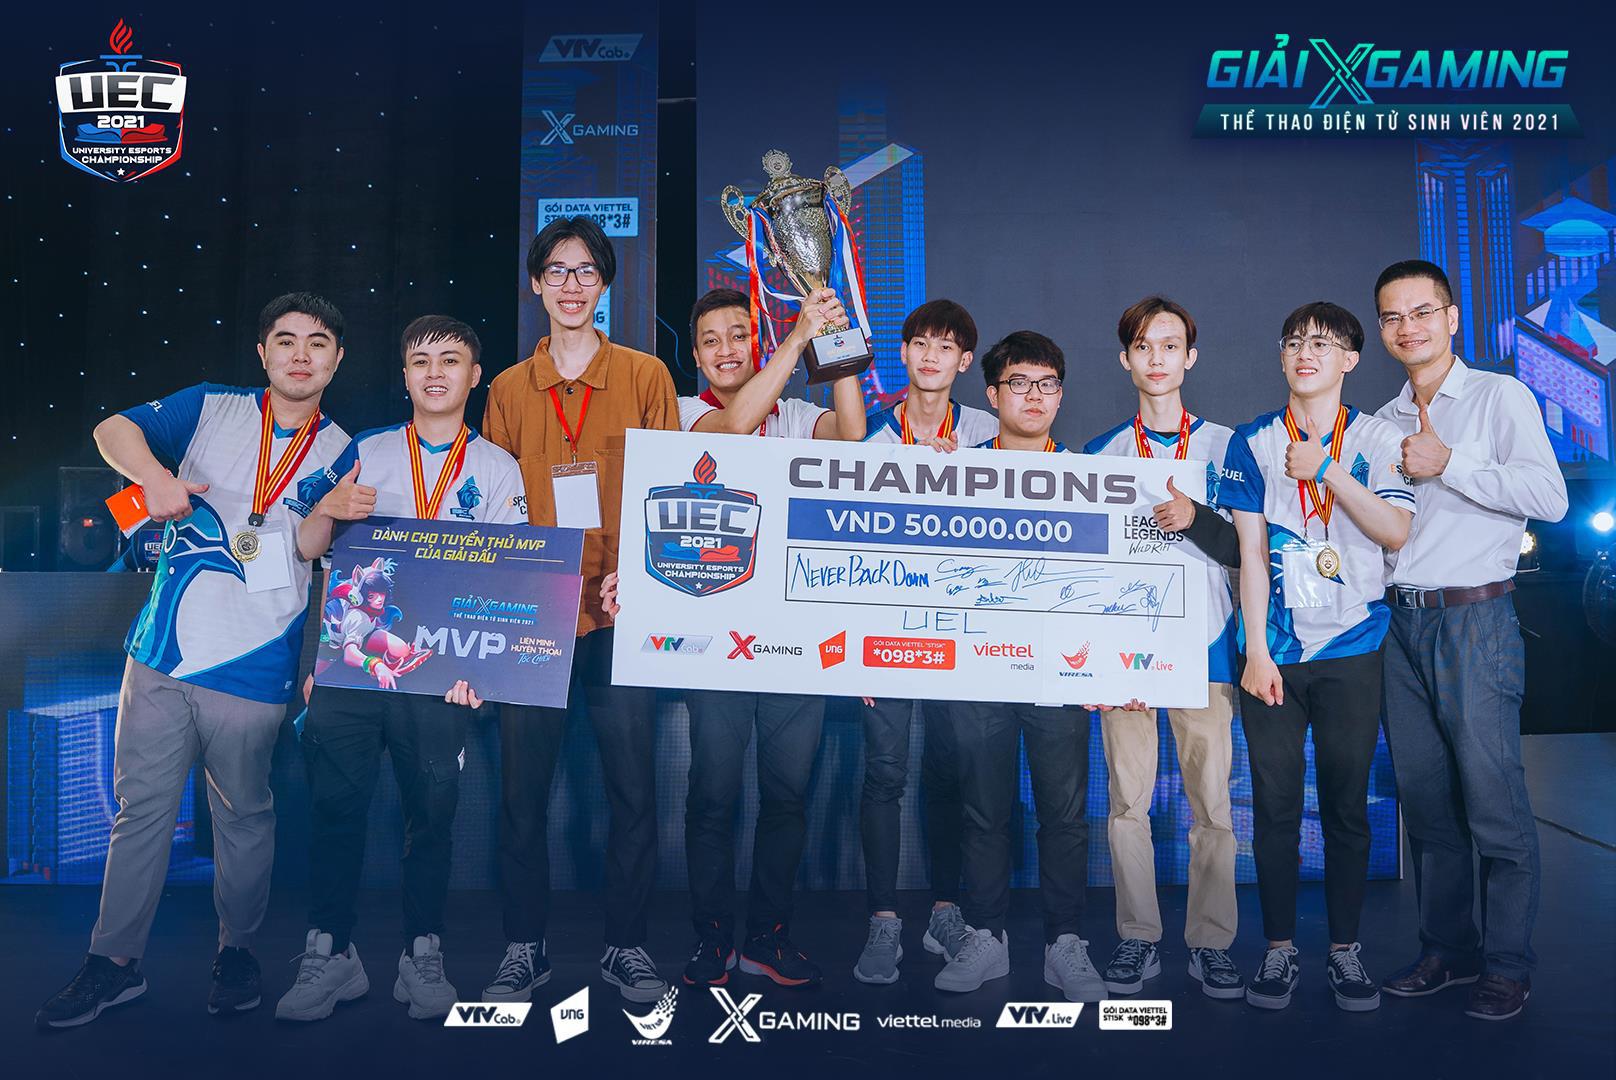 Xgaming - UEC 2021: Cuộc đại tuyển chọn cho tương lai eSports Việt Nam - Ảnh 2.